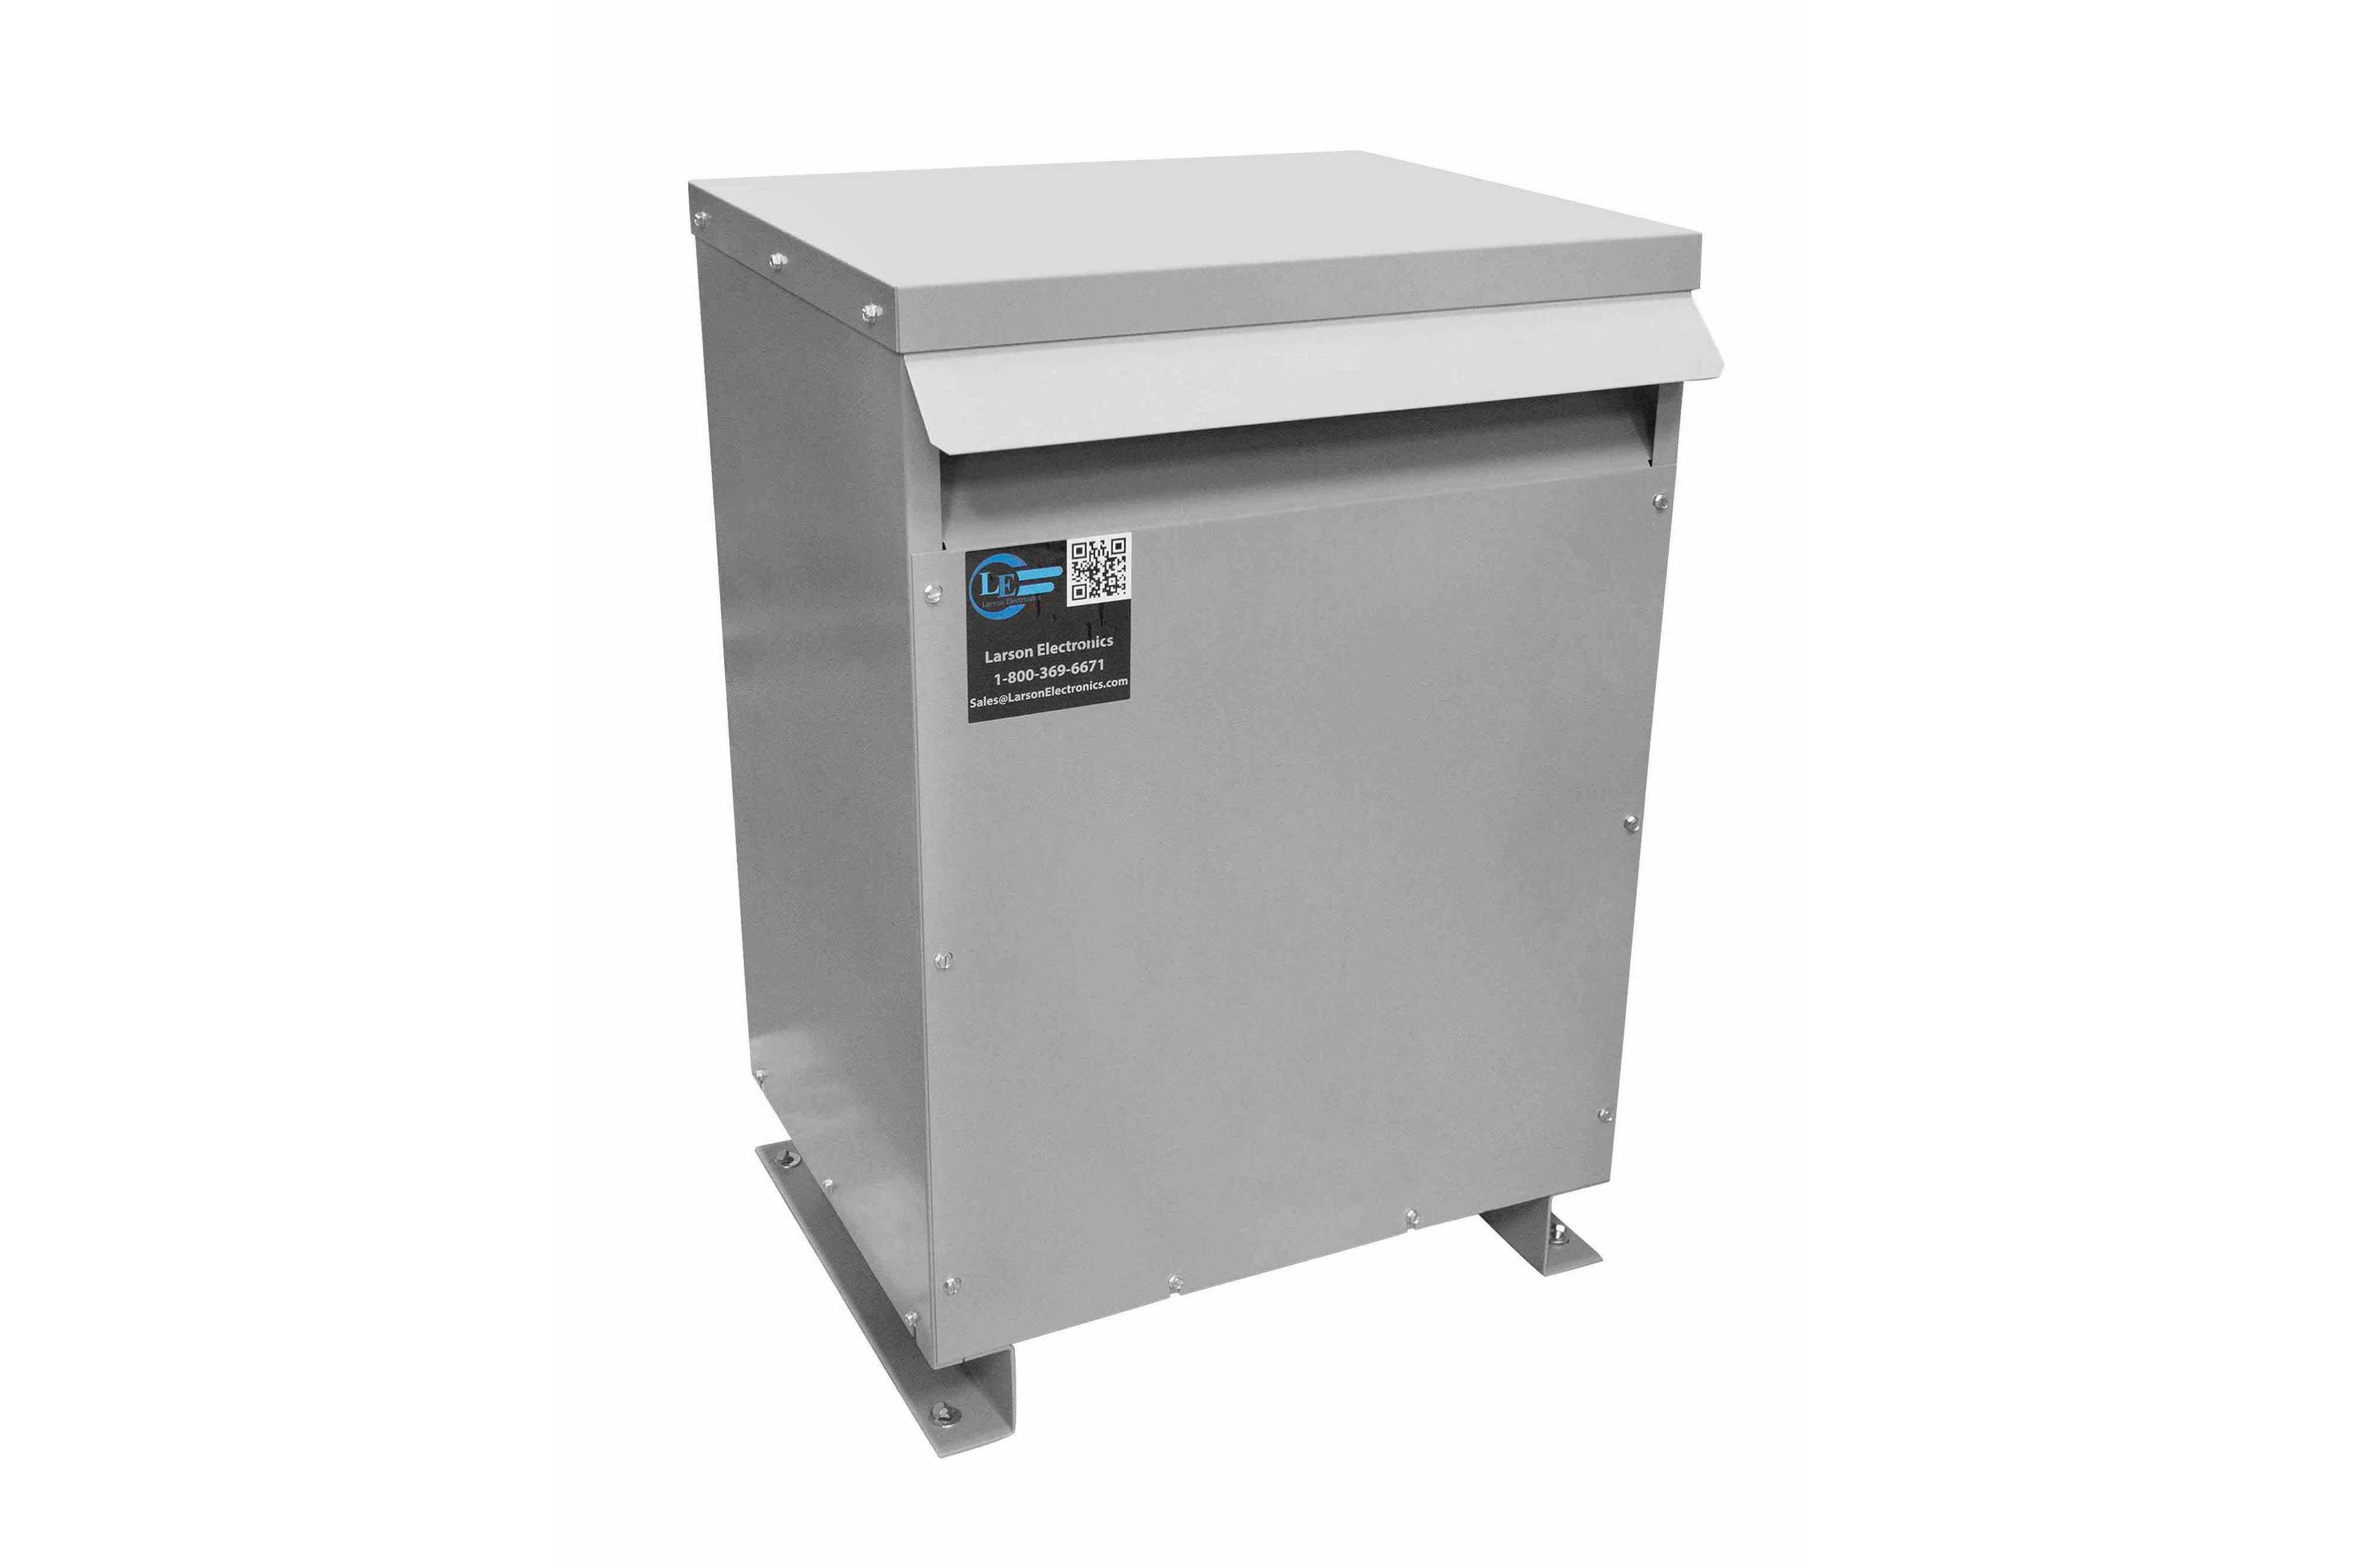 900 kVA 3PH Isolation Transformer, 230V Delta Primary, 208V Delta Secondary, N3R, Ventilated, 60 Hz